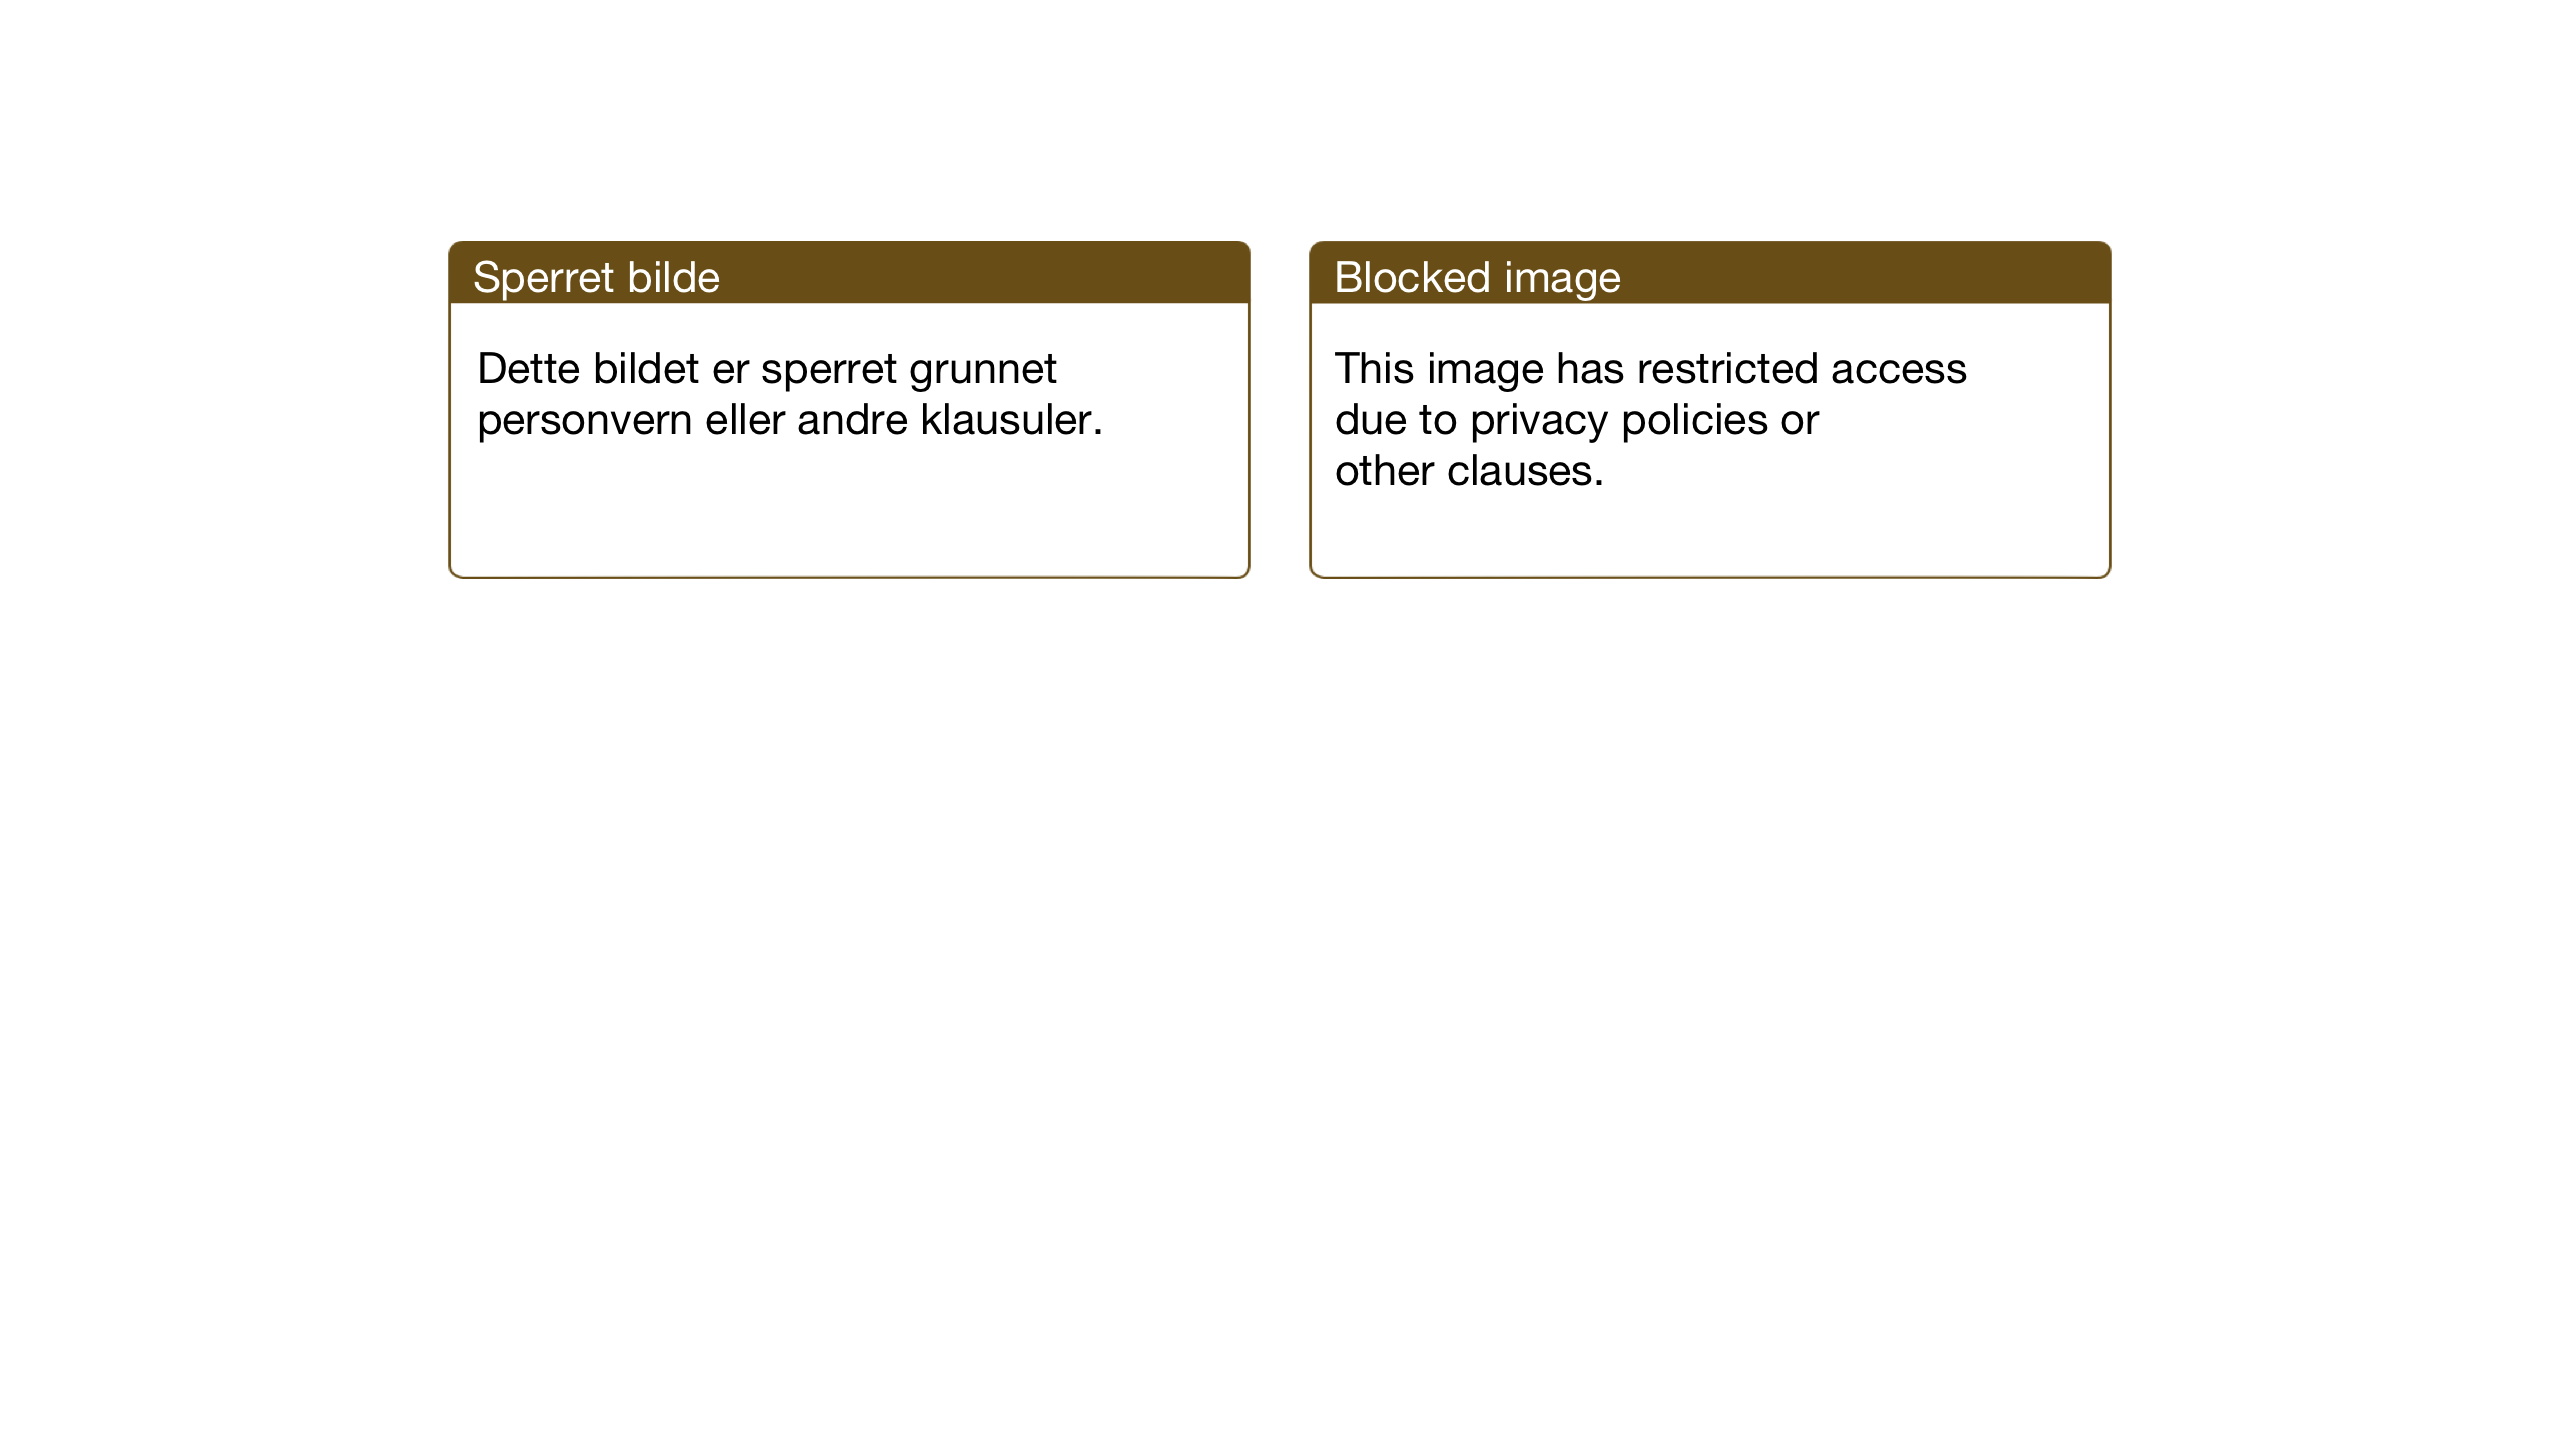 RA, Justisdepartementet, Sivilavdelingen (RA/S-6490), 2000, s. 345